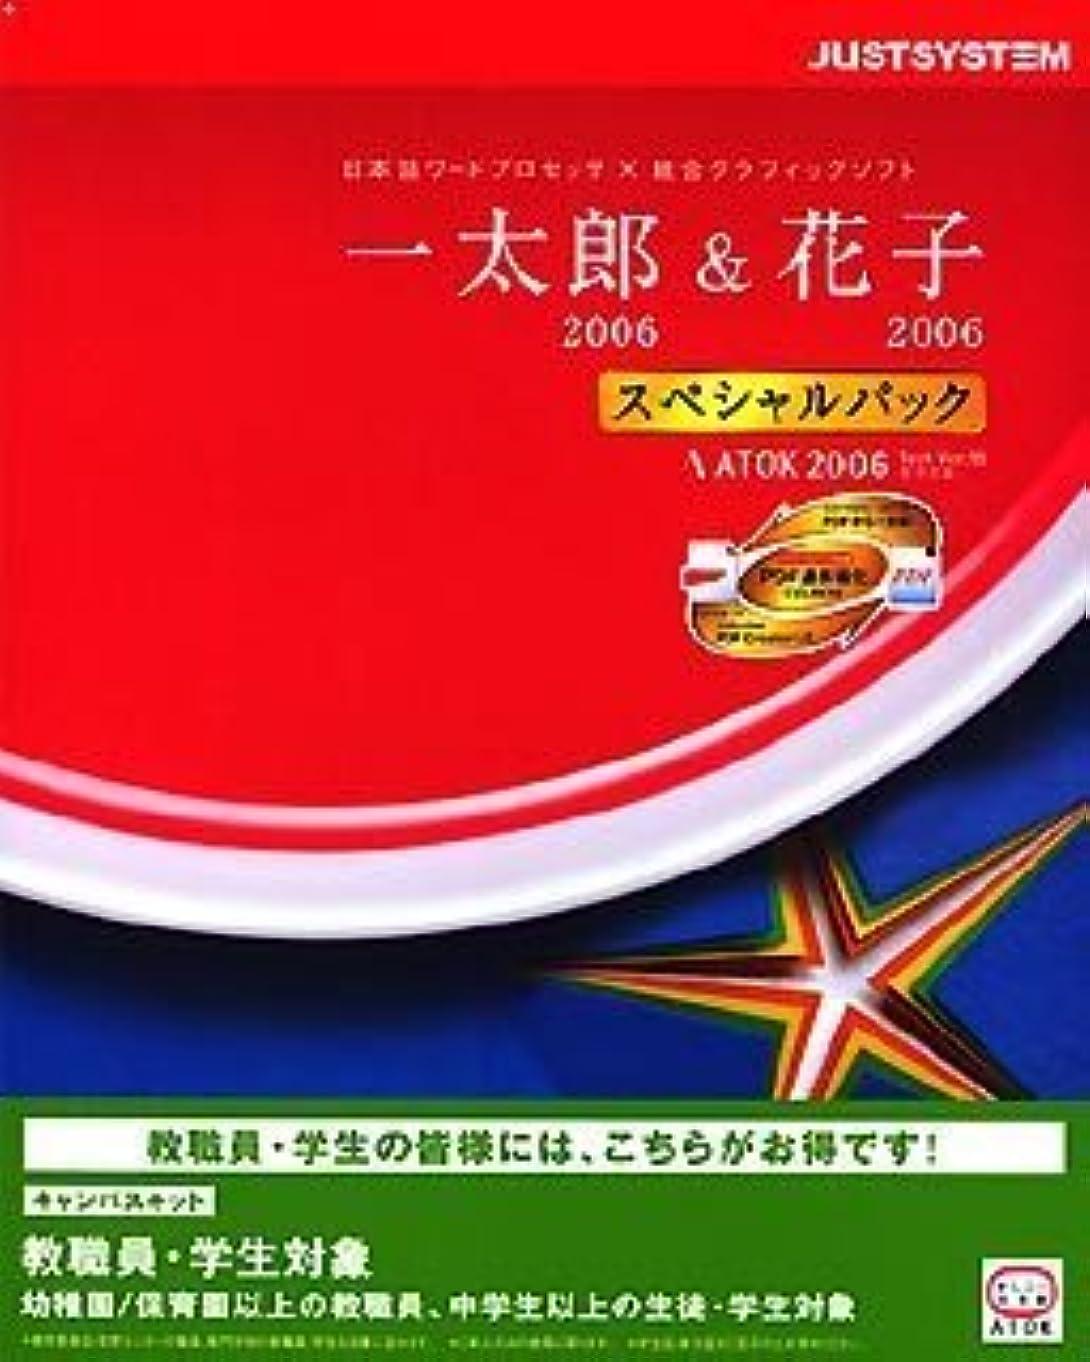 旅行汚染された宗教的な一太郎2006&花子2006 スペシャルパック for Windows キャンパスキット CD-ROM